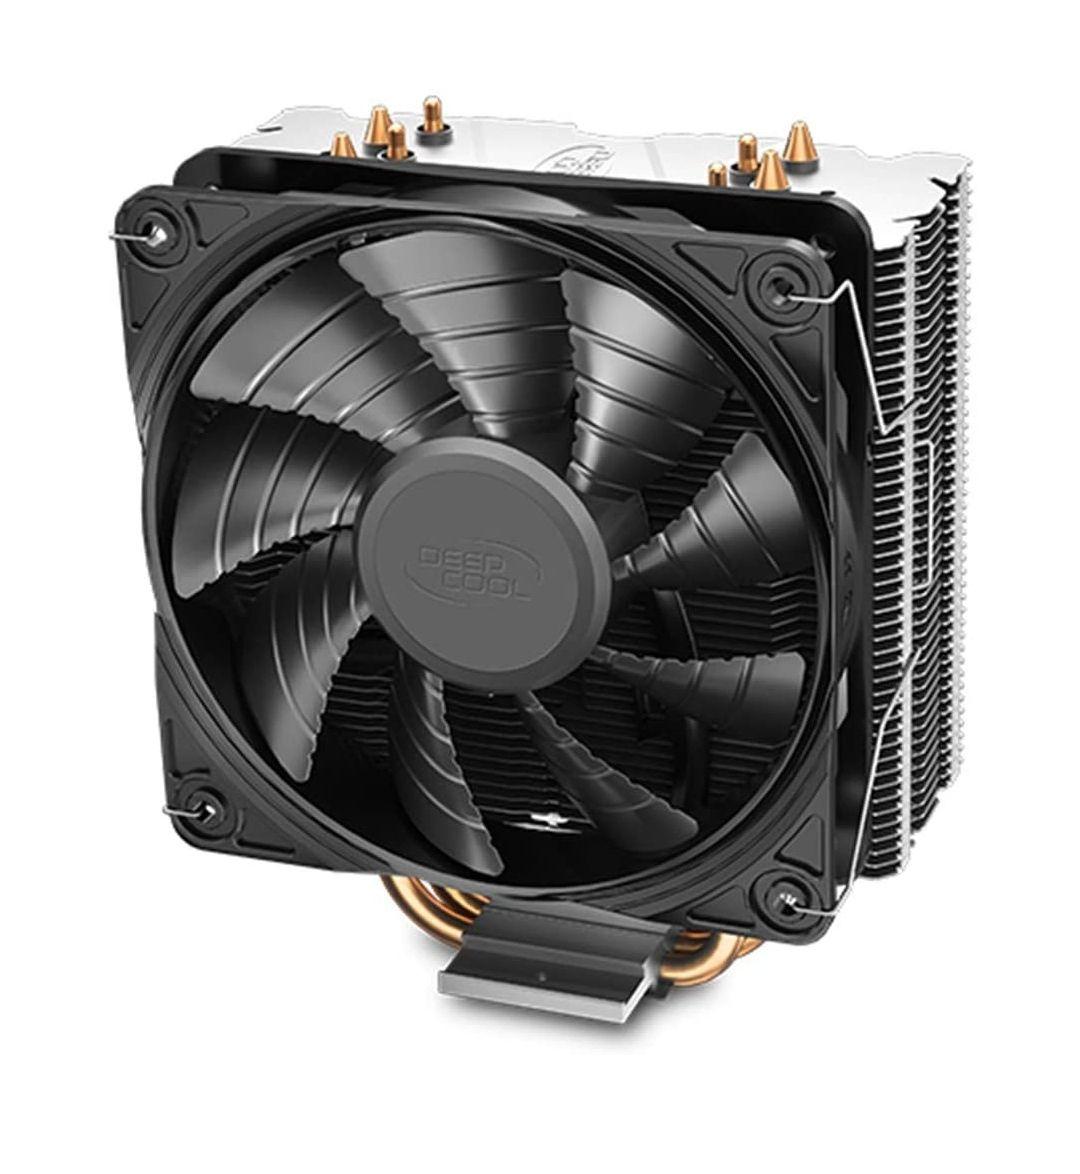 Amazon: Enfriador CPU DeepCool Gammaxx 400S 120mm